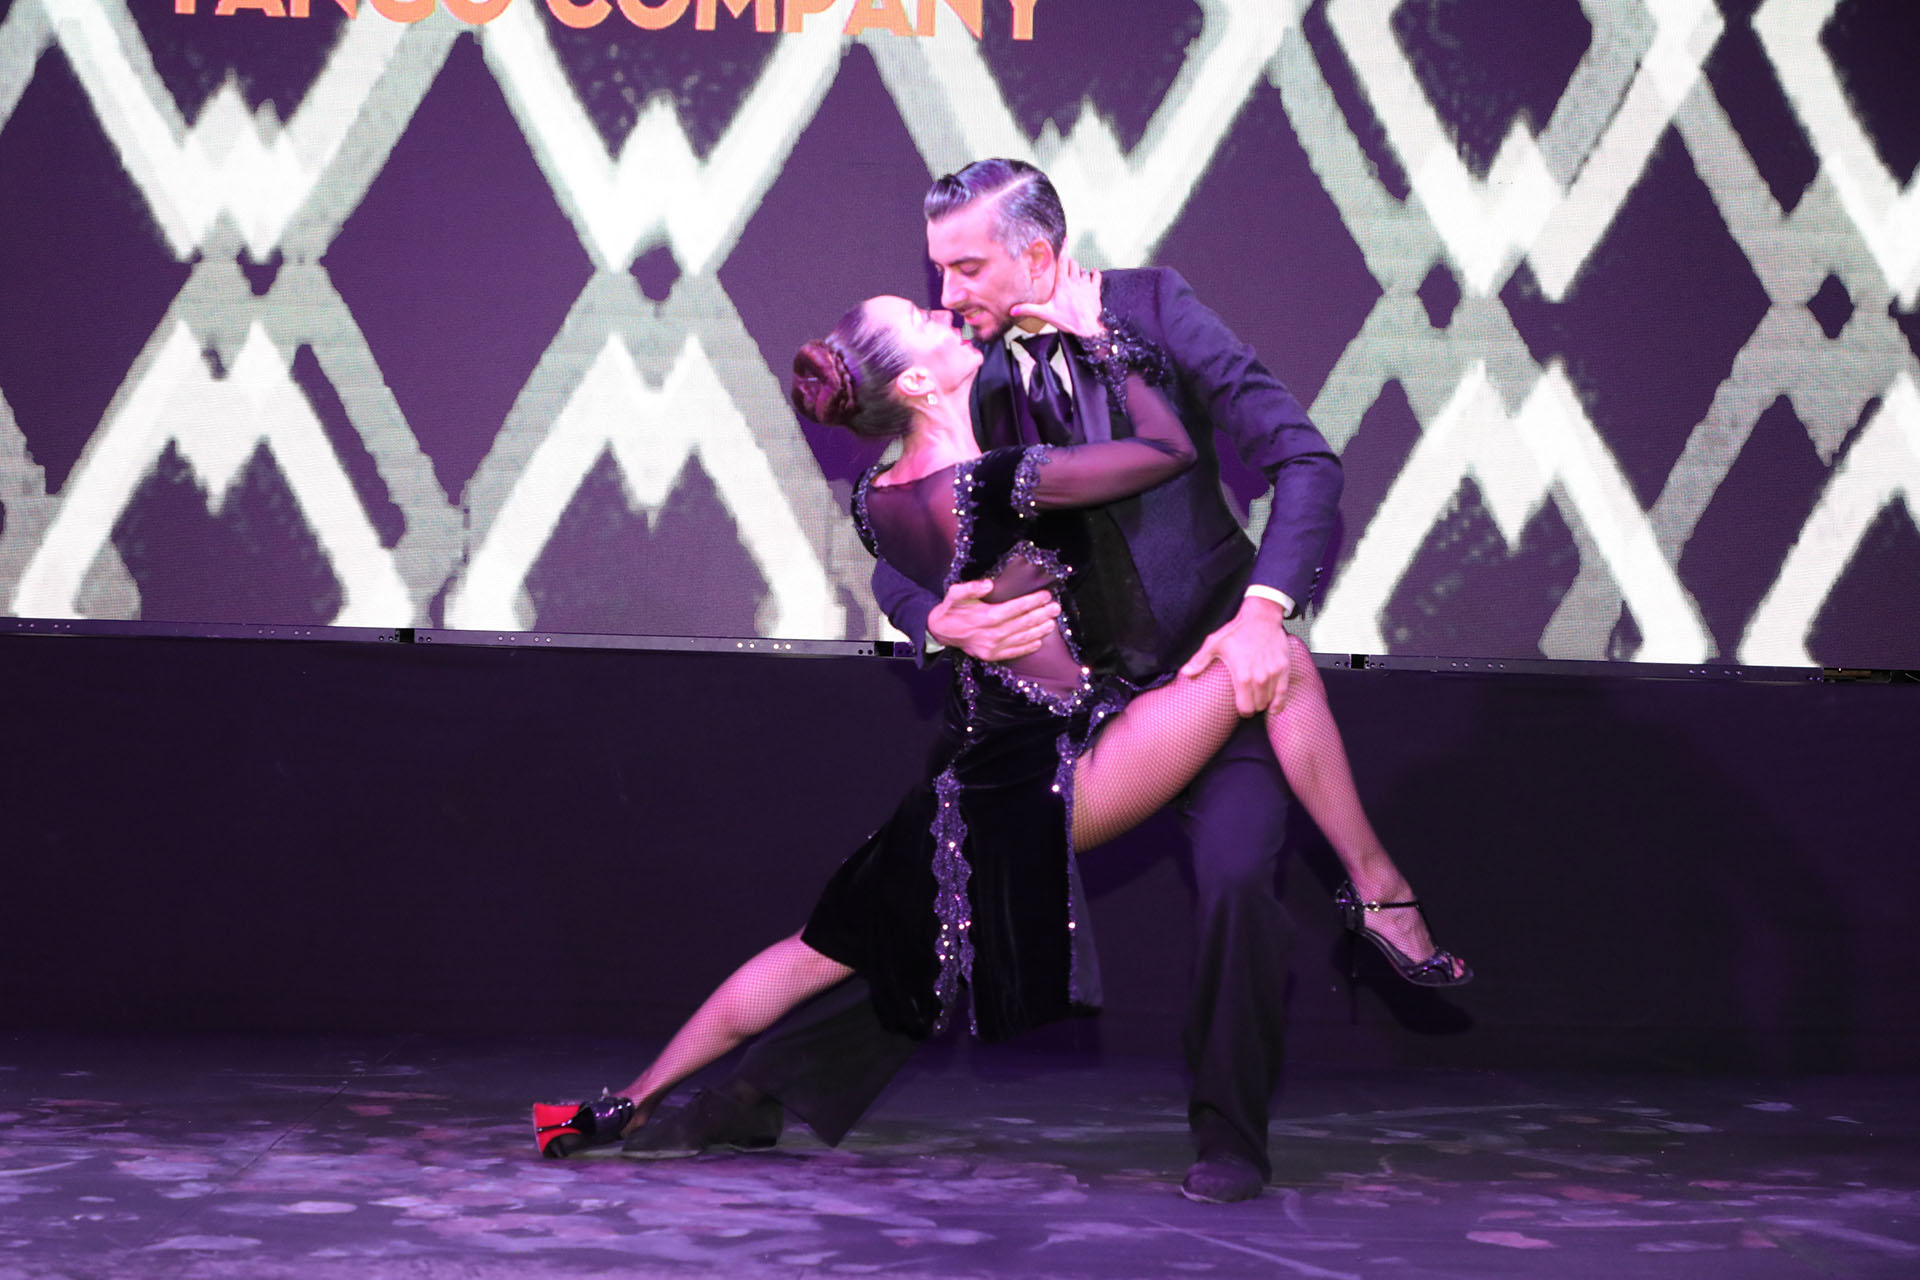 El show principal fue protagonizado por la bailarina Mora Godoy, quien brindó un espectáculo de tango bajo la atenta mirada de los invitados